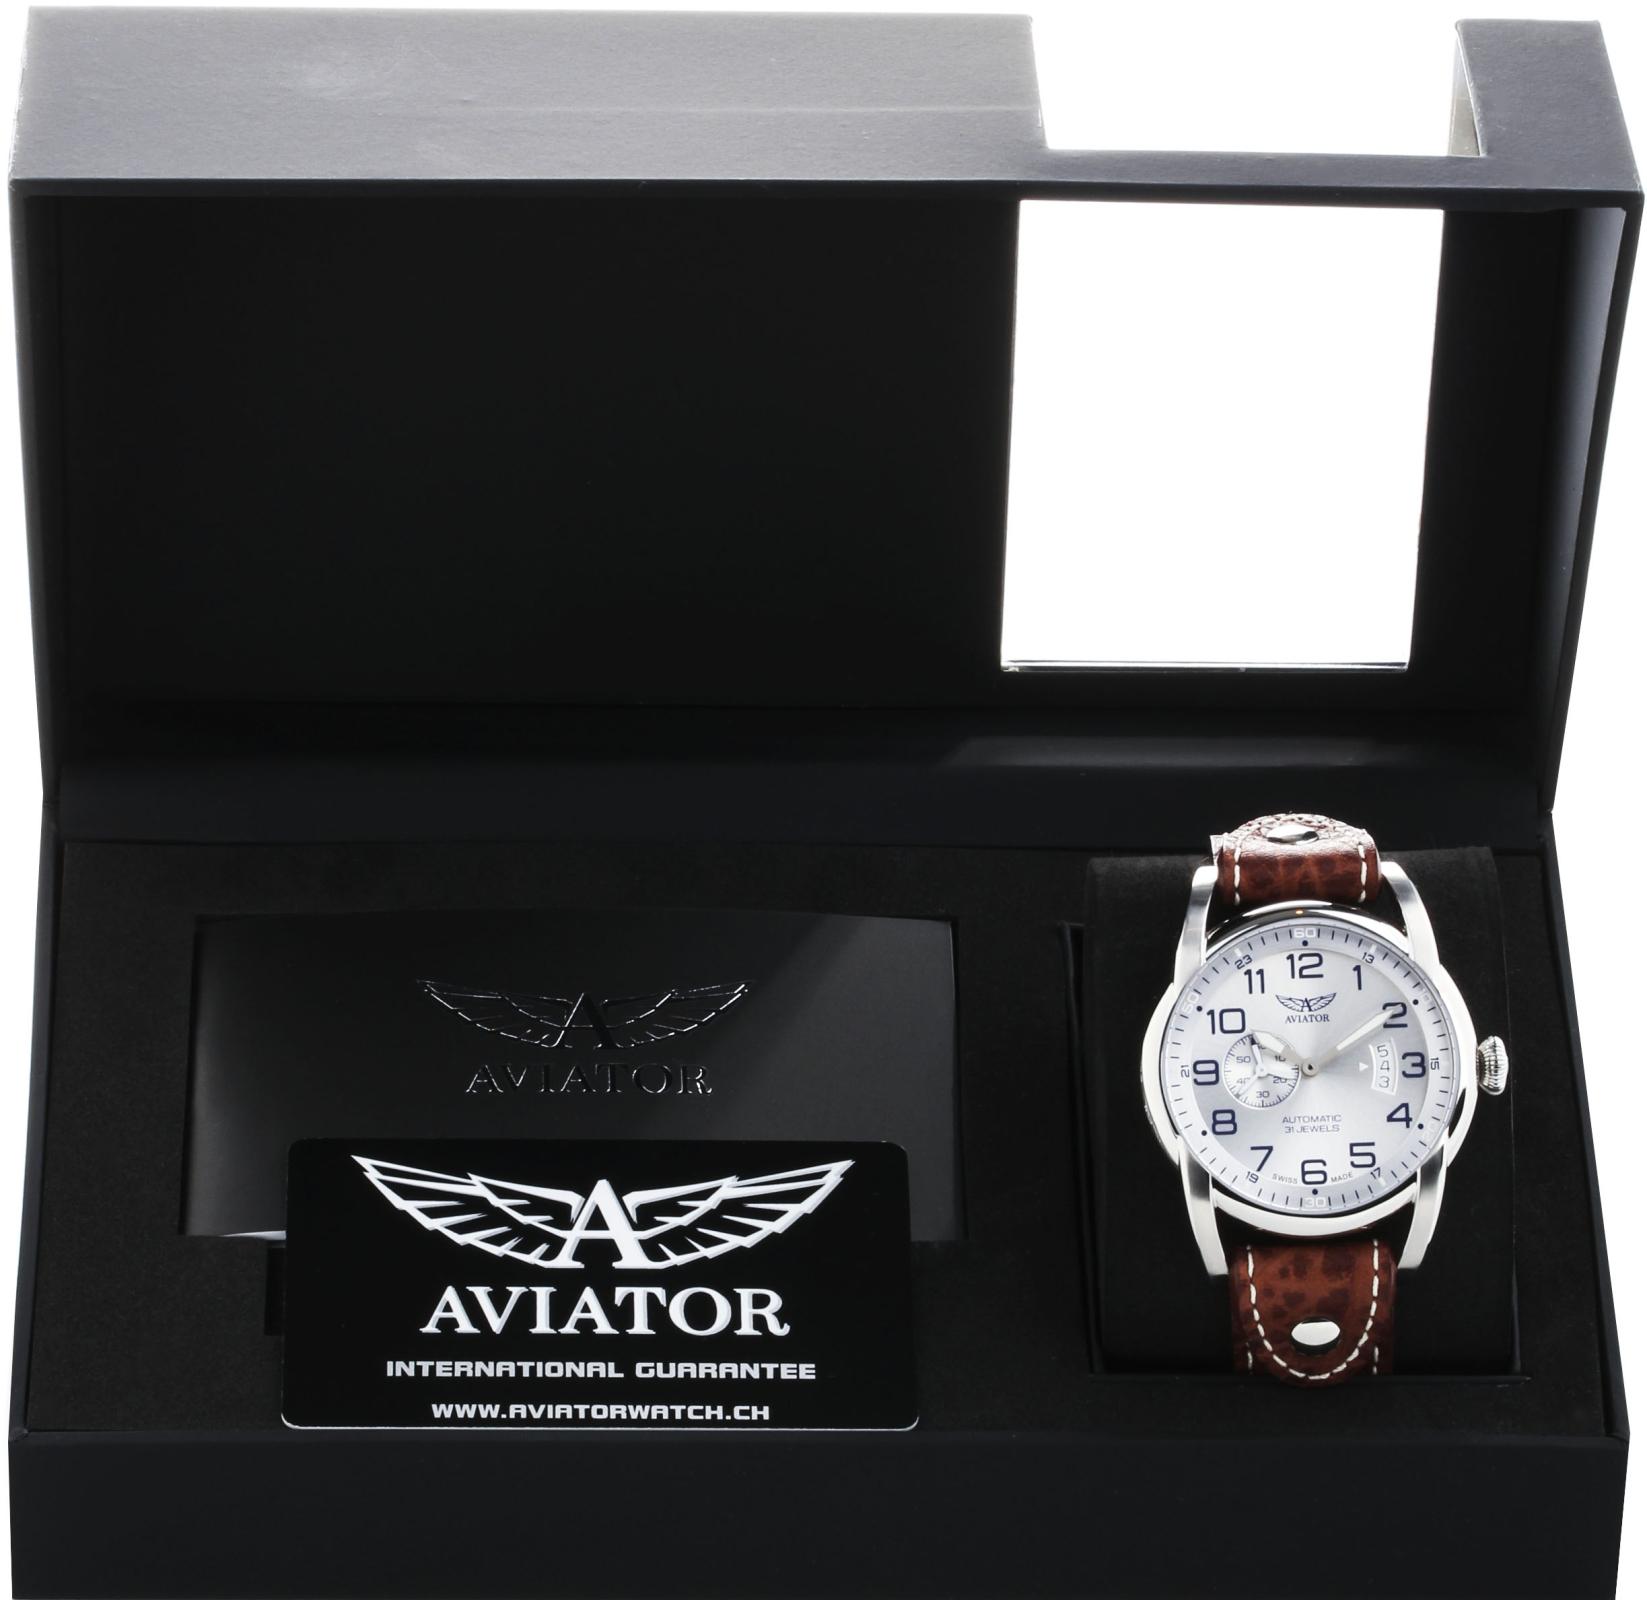 Aviator Bristol Bulldog V.3.18.0.101.4Наручные часы<br>Швейцарские часы Aviator Bristol Bulldog V.3.18.0.101.4<br><br>Пол: Мужские<br>Страна-производитель: Швейцария<br>Механизм: Механический<br>Материал корпуса: Сталь<br>Материал ремня/браслета: Кожа<br>Водозащита, диапазон: 20 - 100 м<br>Стекло: Сапфировое<br>Толщина корпуса: 13 мм<br>Стиль: Классика